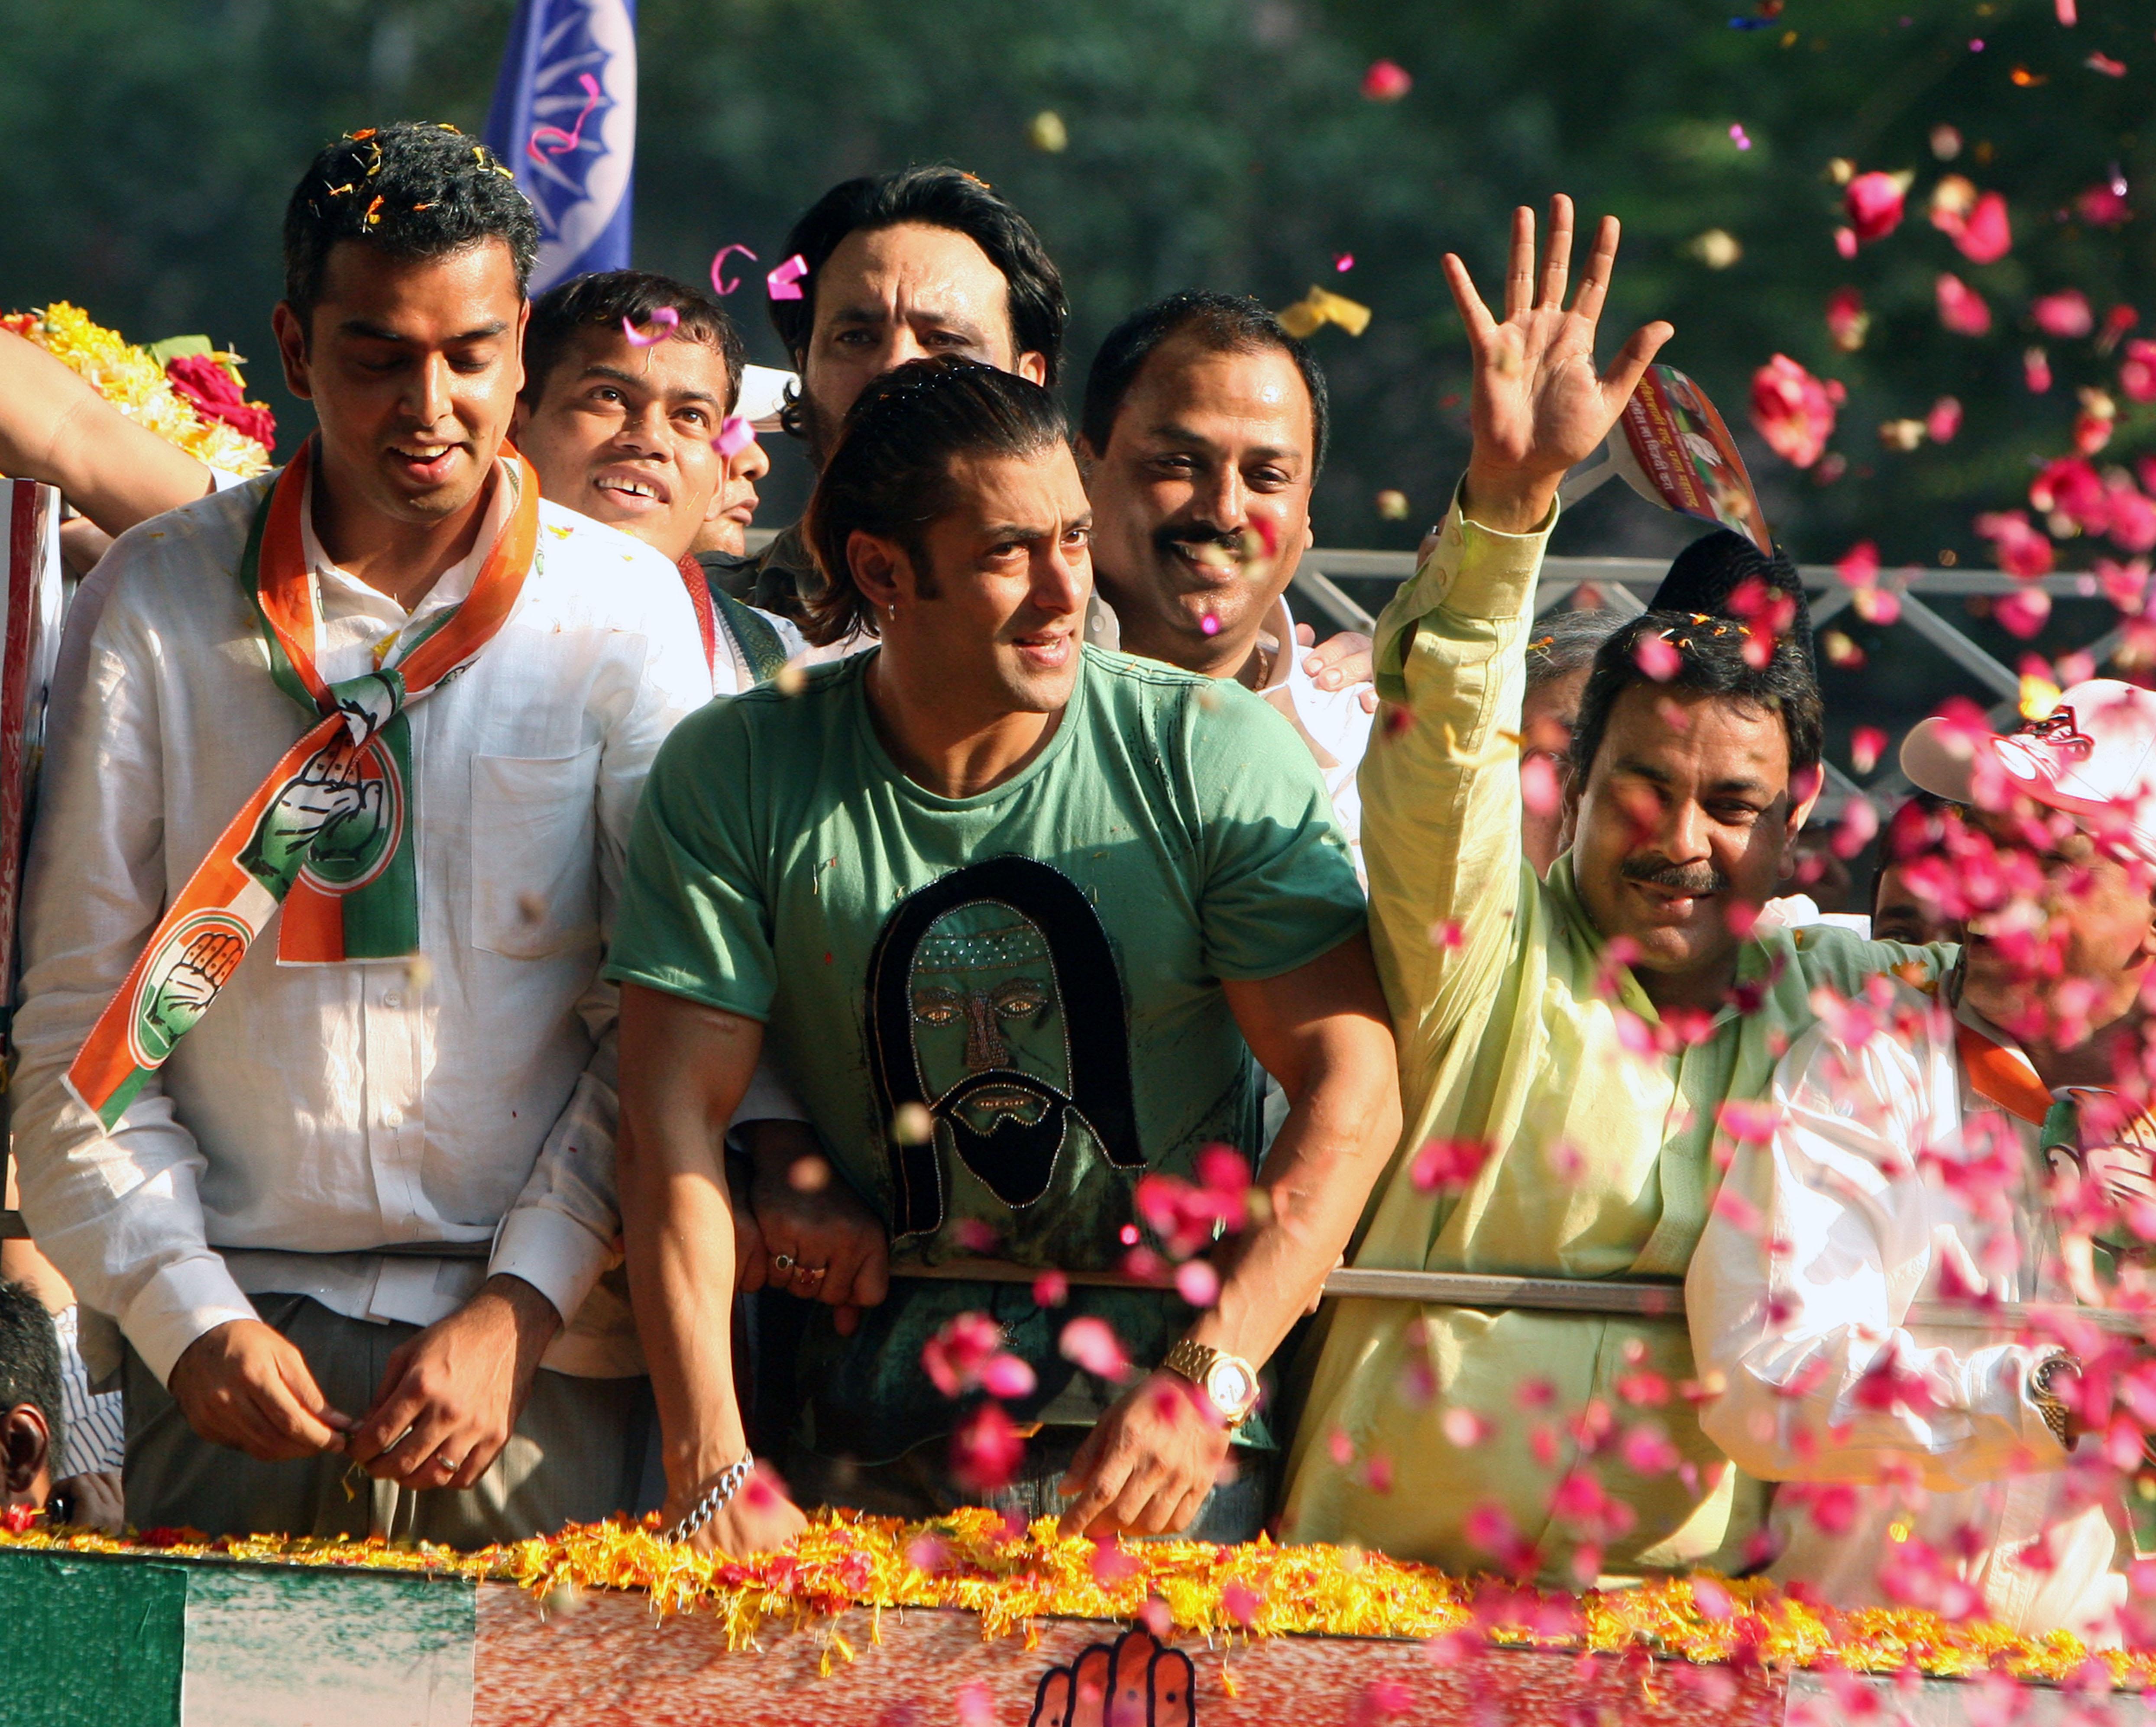 File:Film star Salman Khan on the campaign trail - Flickr - Al Jazeera ...